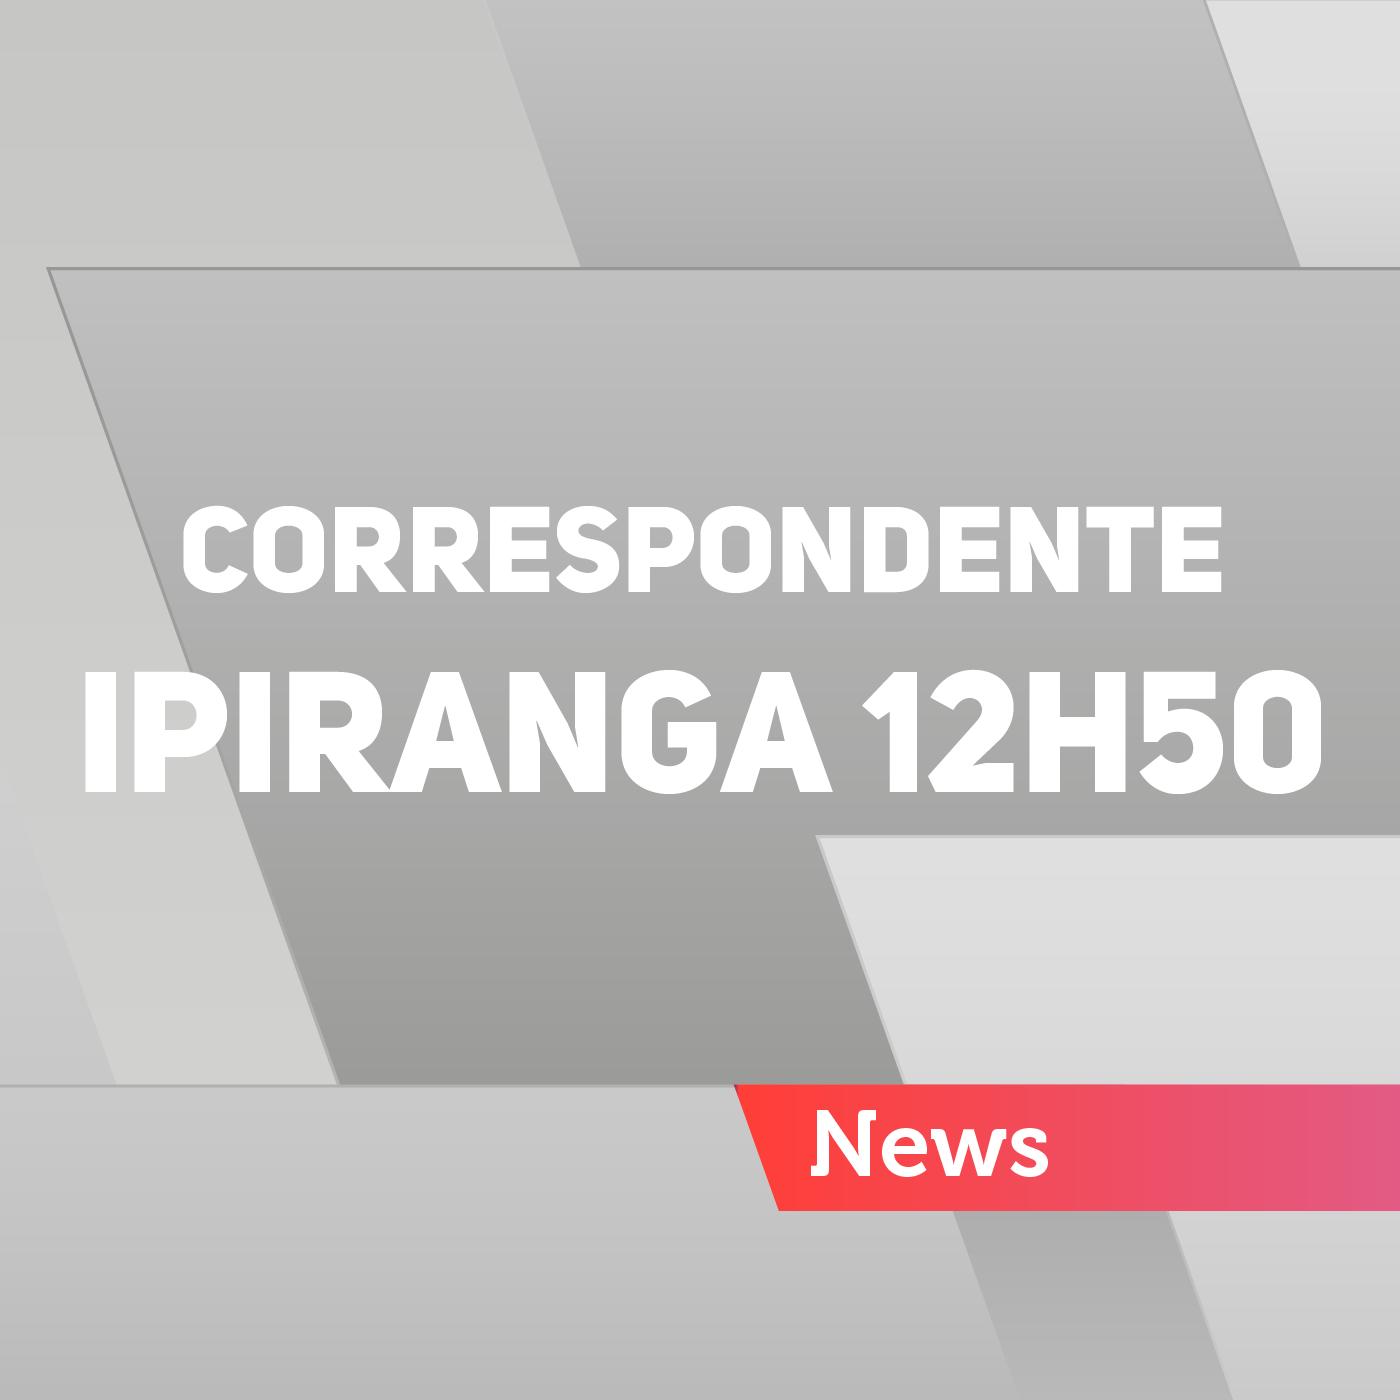 Correspondente Ipiranga 12h50 – 20/01/2018